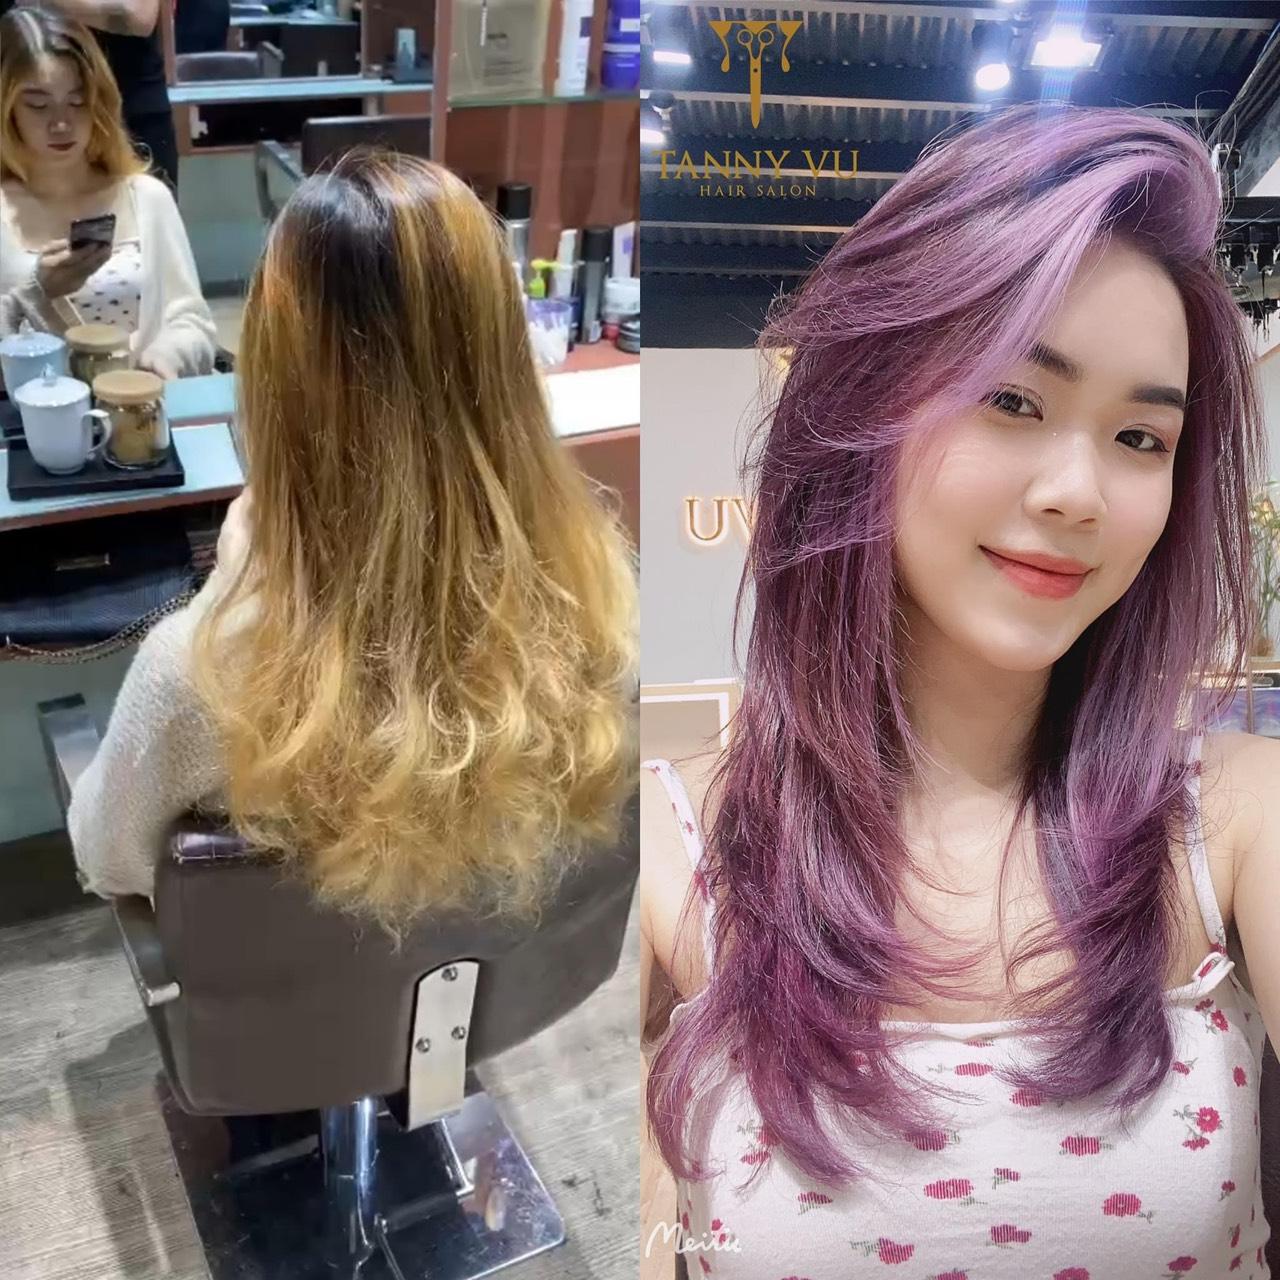 Muốn có một mái tóc đẹp thời trang để đón Tết đừng bỏ qua địa chỉ làm tóc sang xịn này! - Ảnh 3.